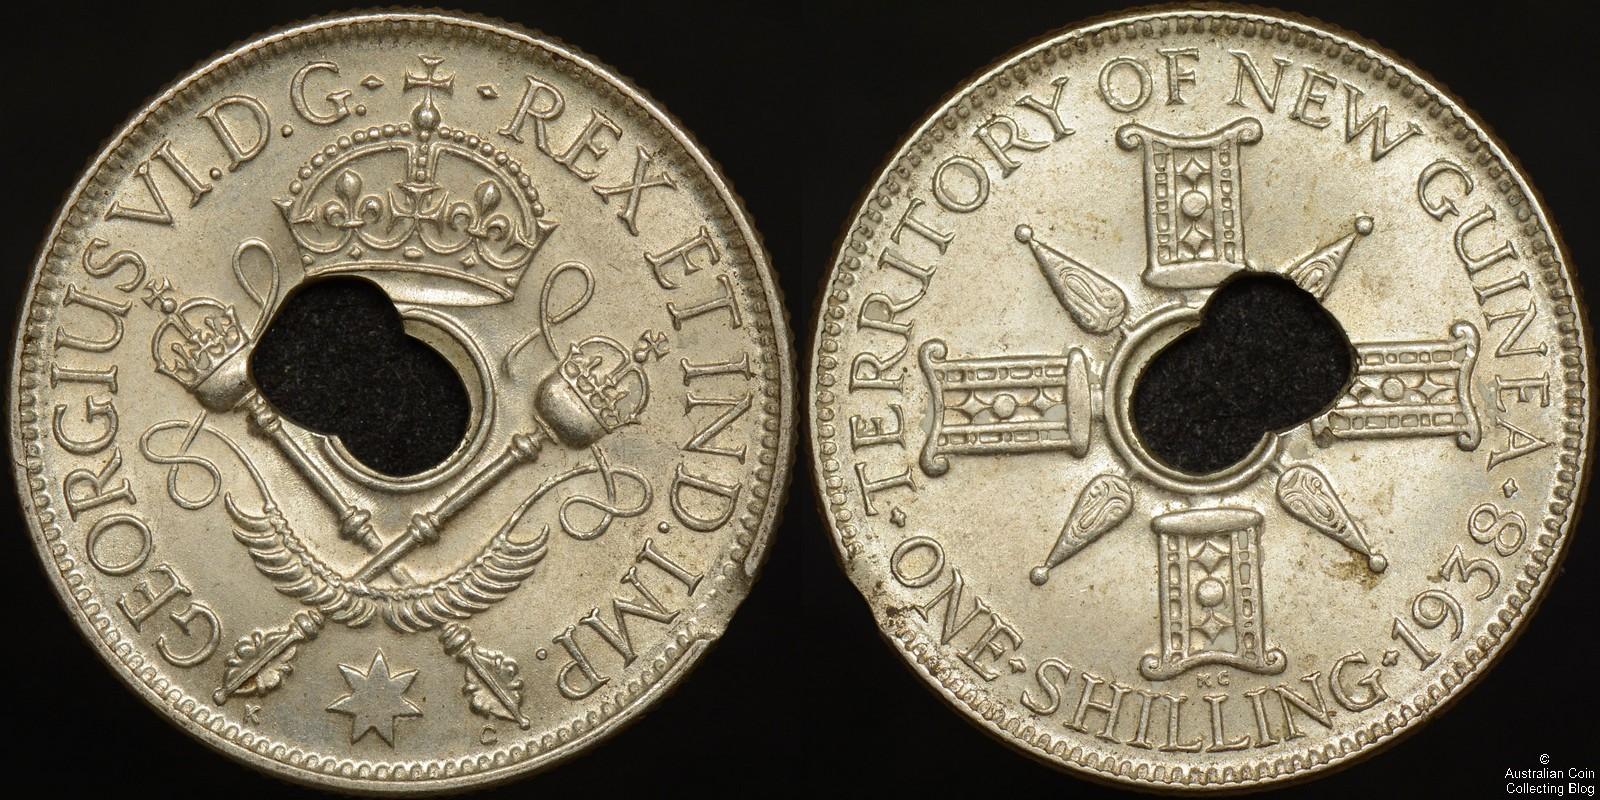 New Guinea 1938 Shilling Error Coin